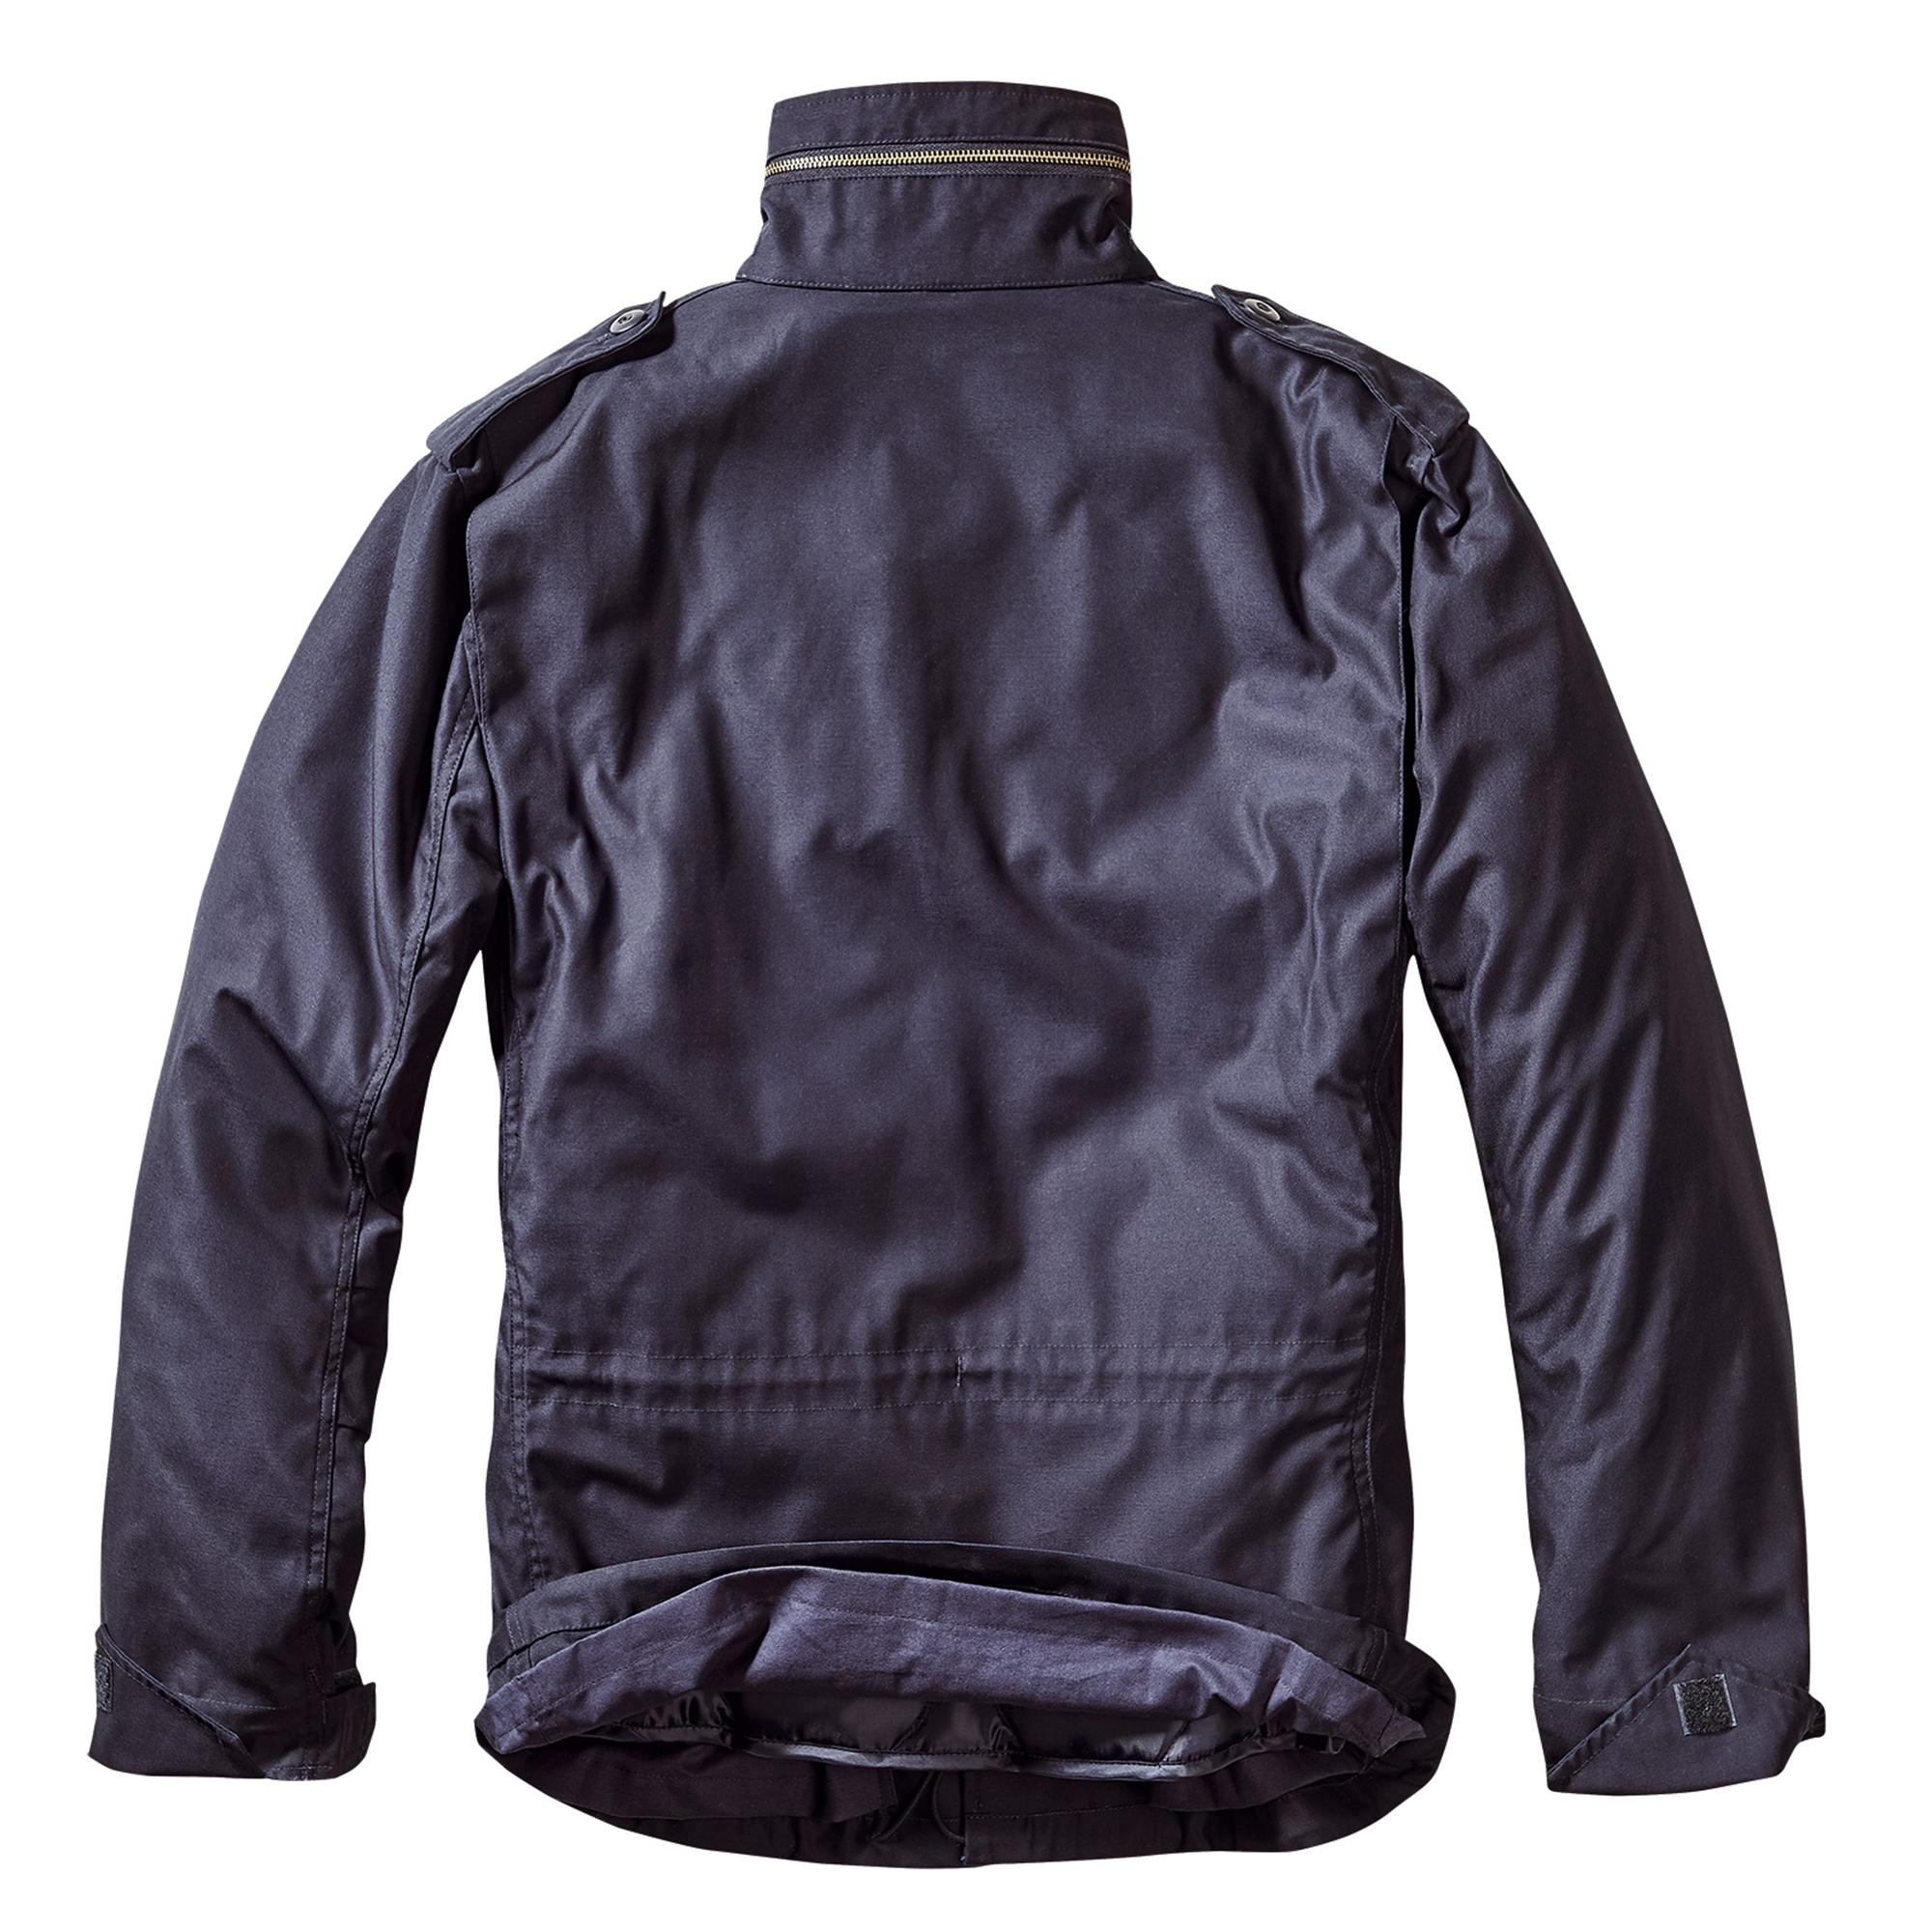 Brandit-M65-Standard-Feldjacke-Herren-2in1-Jacke-Winterjacke-US-Parka-mit-Futter Indexbild 12